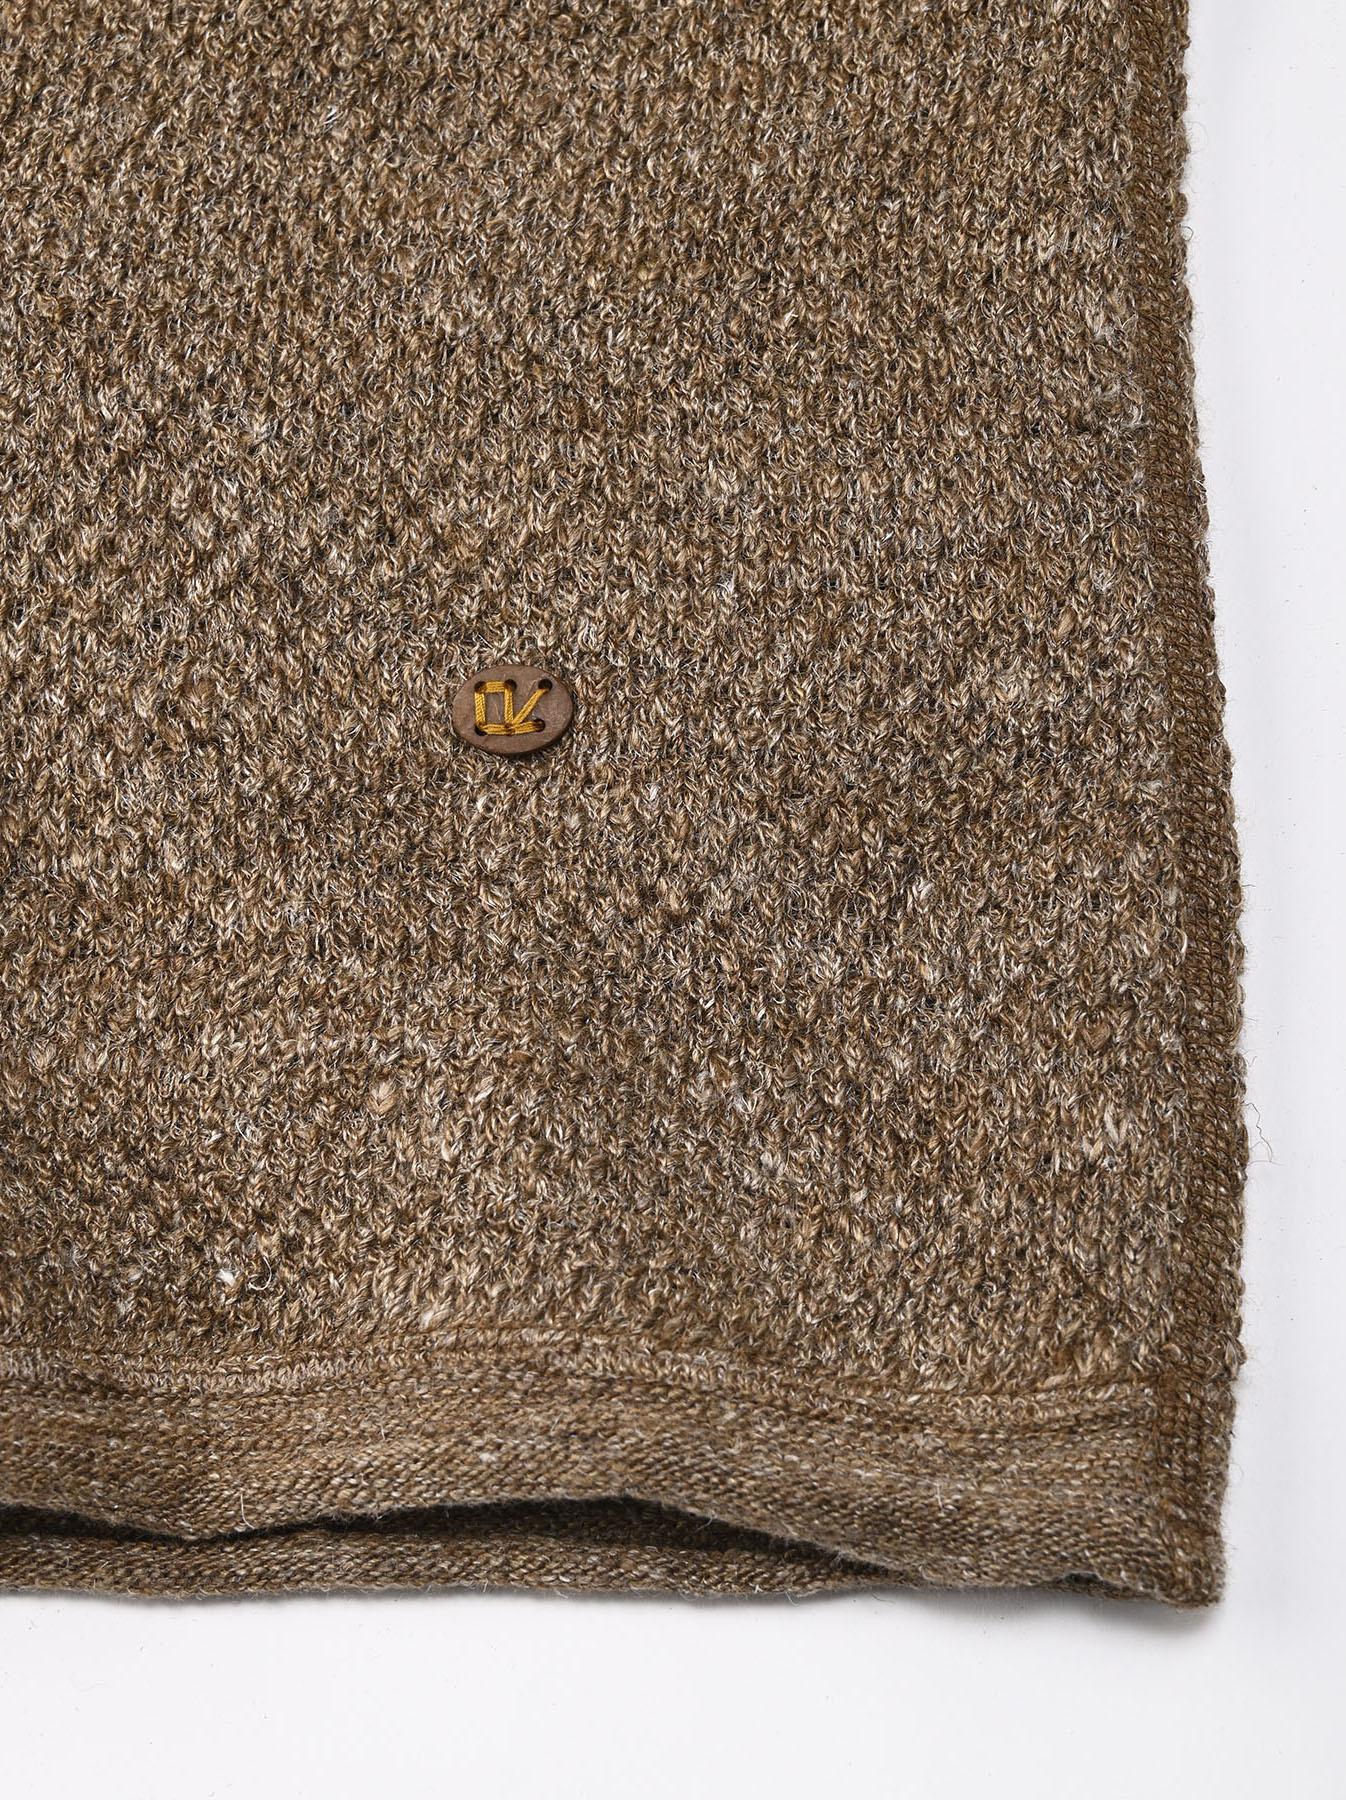 Linen Pique 908 Umahiko Sweater(0721)-6